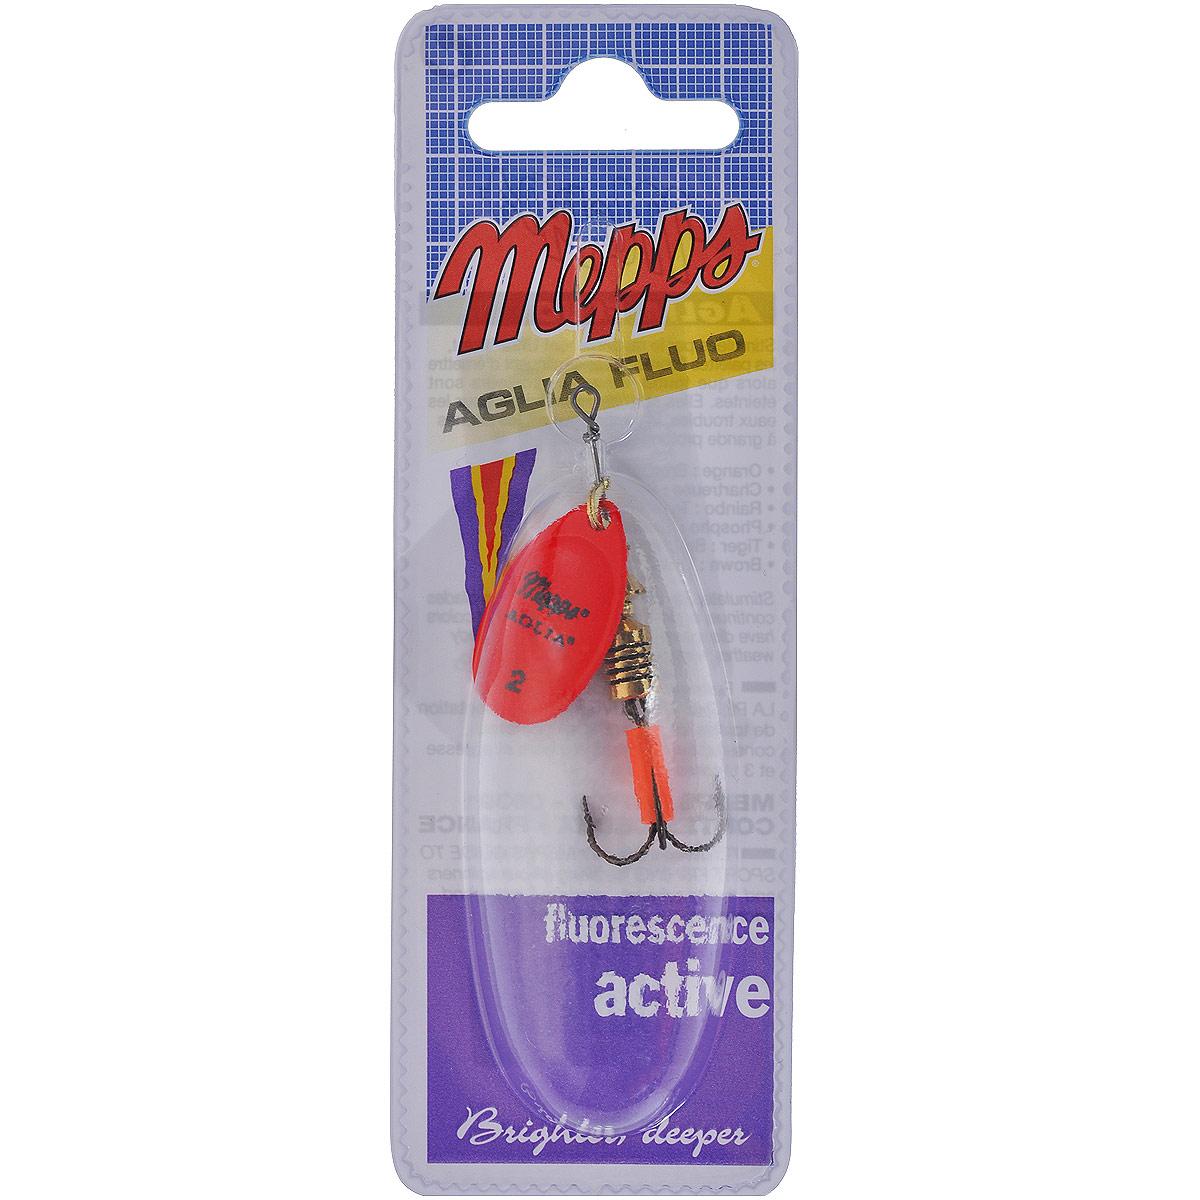 Блесна Mepps Aglia Fluo Rouge, вращающаяся, №235503Вращающаяся блесна Mepps Aglia Fluo Rouge выполнена в виде лепестка красного матового окраса, дающего преимущество при ловле рыбы в темное время суток, на большой глубине и в мутной воде. Такая блесна отлично видна даже при освещении ультрафиолетовыми лучами, доходящими до самых больших глубин. Стимулированная ультрафиолетом, она продолжает еще долго светиться.